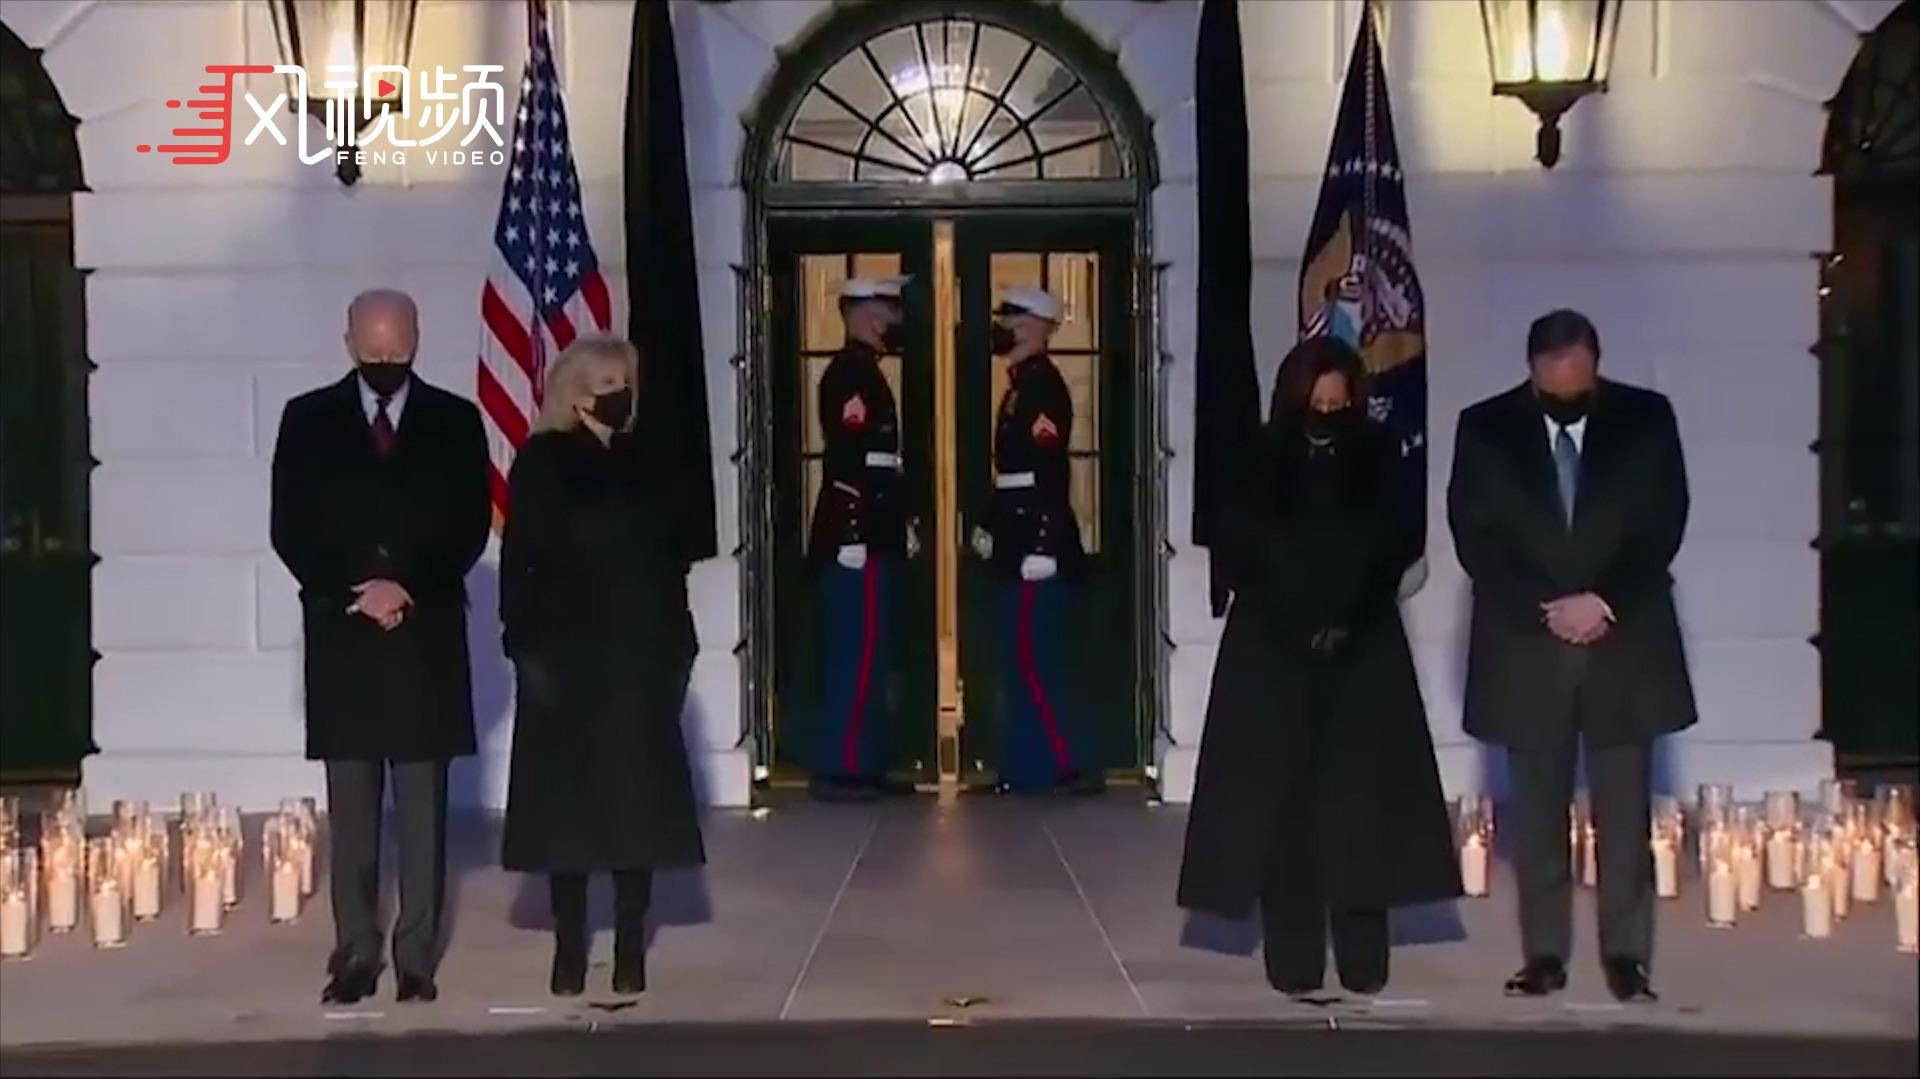 悼念美国新冠死亡超过50万,拜登致辞:美国会再次微笑起来